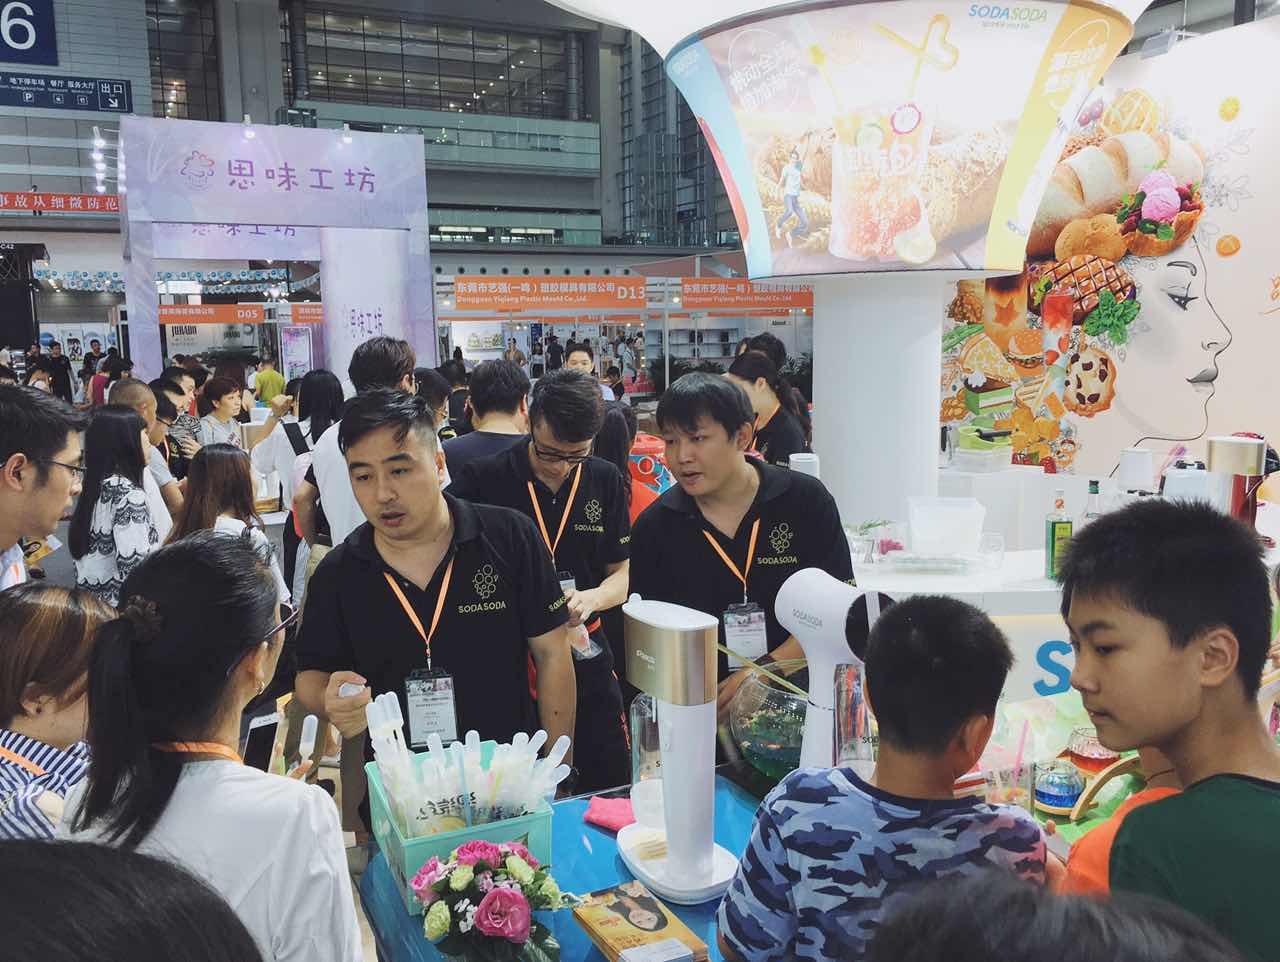 SODASODA首次参加深圳西点、咖啡暨冰淇淋展,成为展会亮点